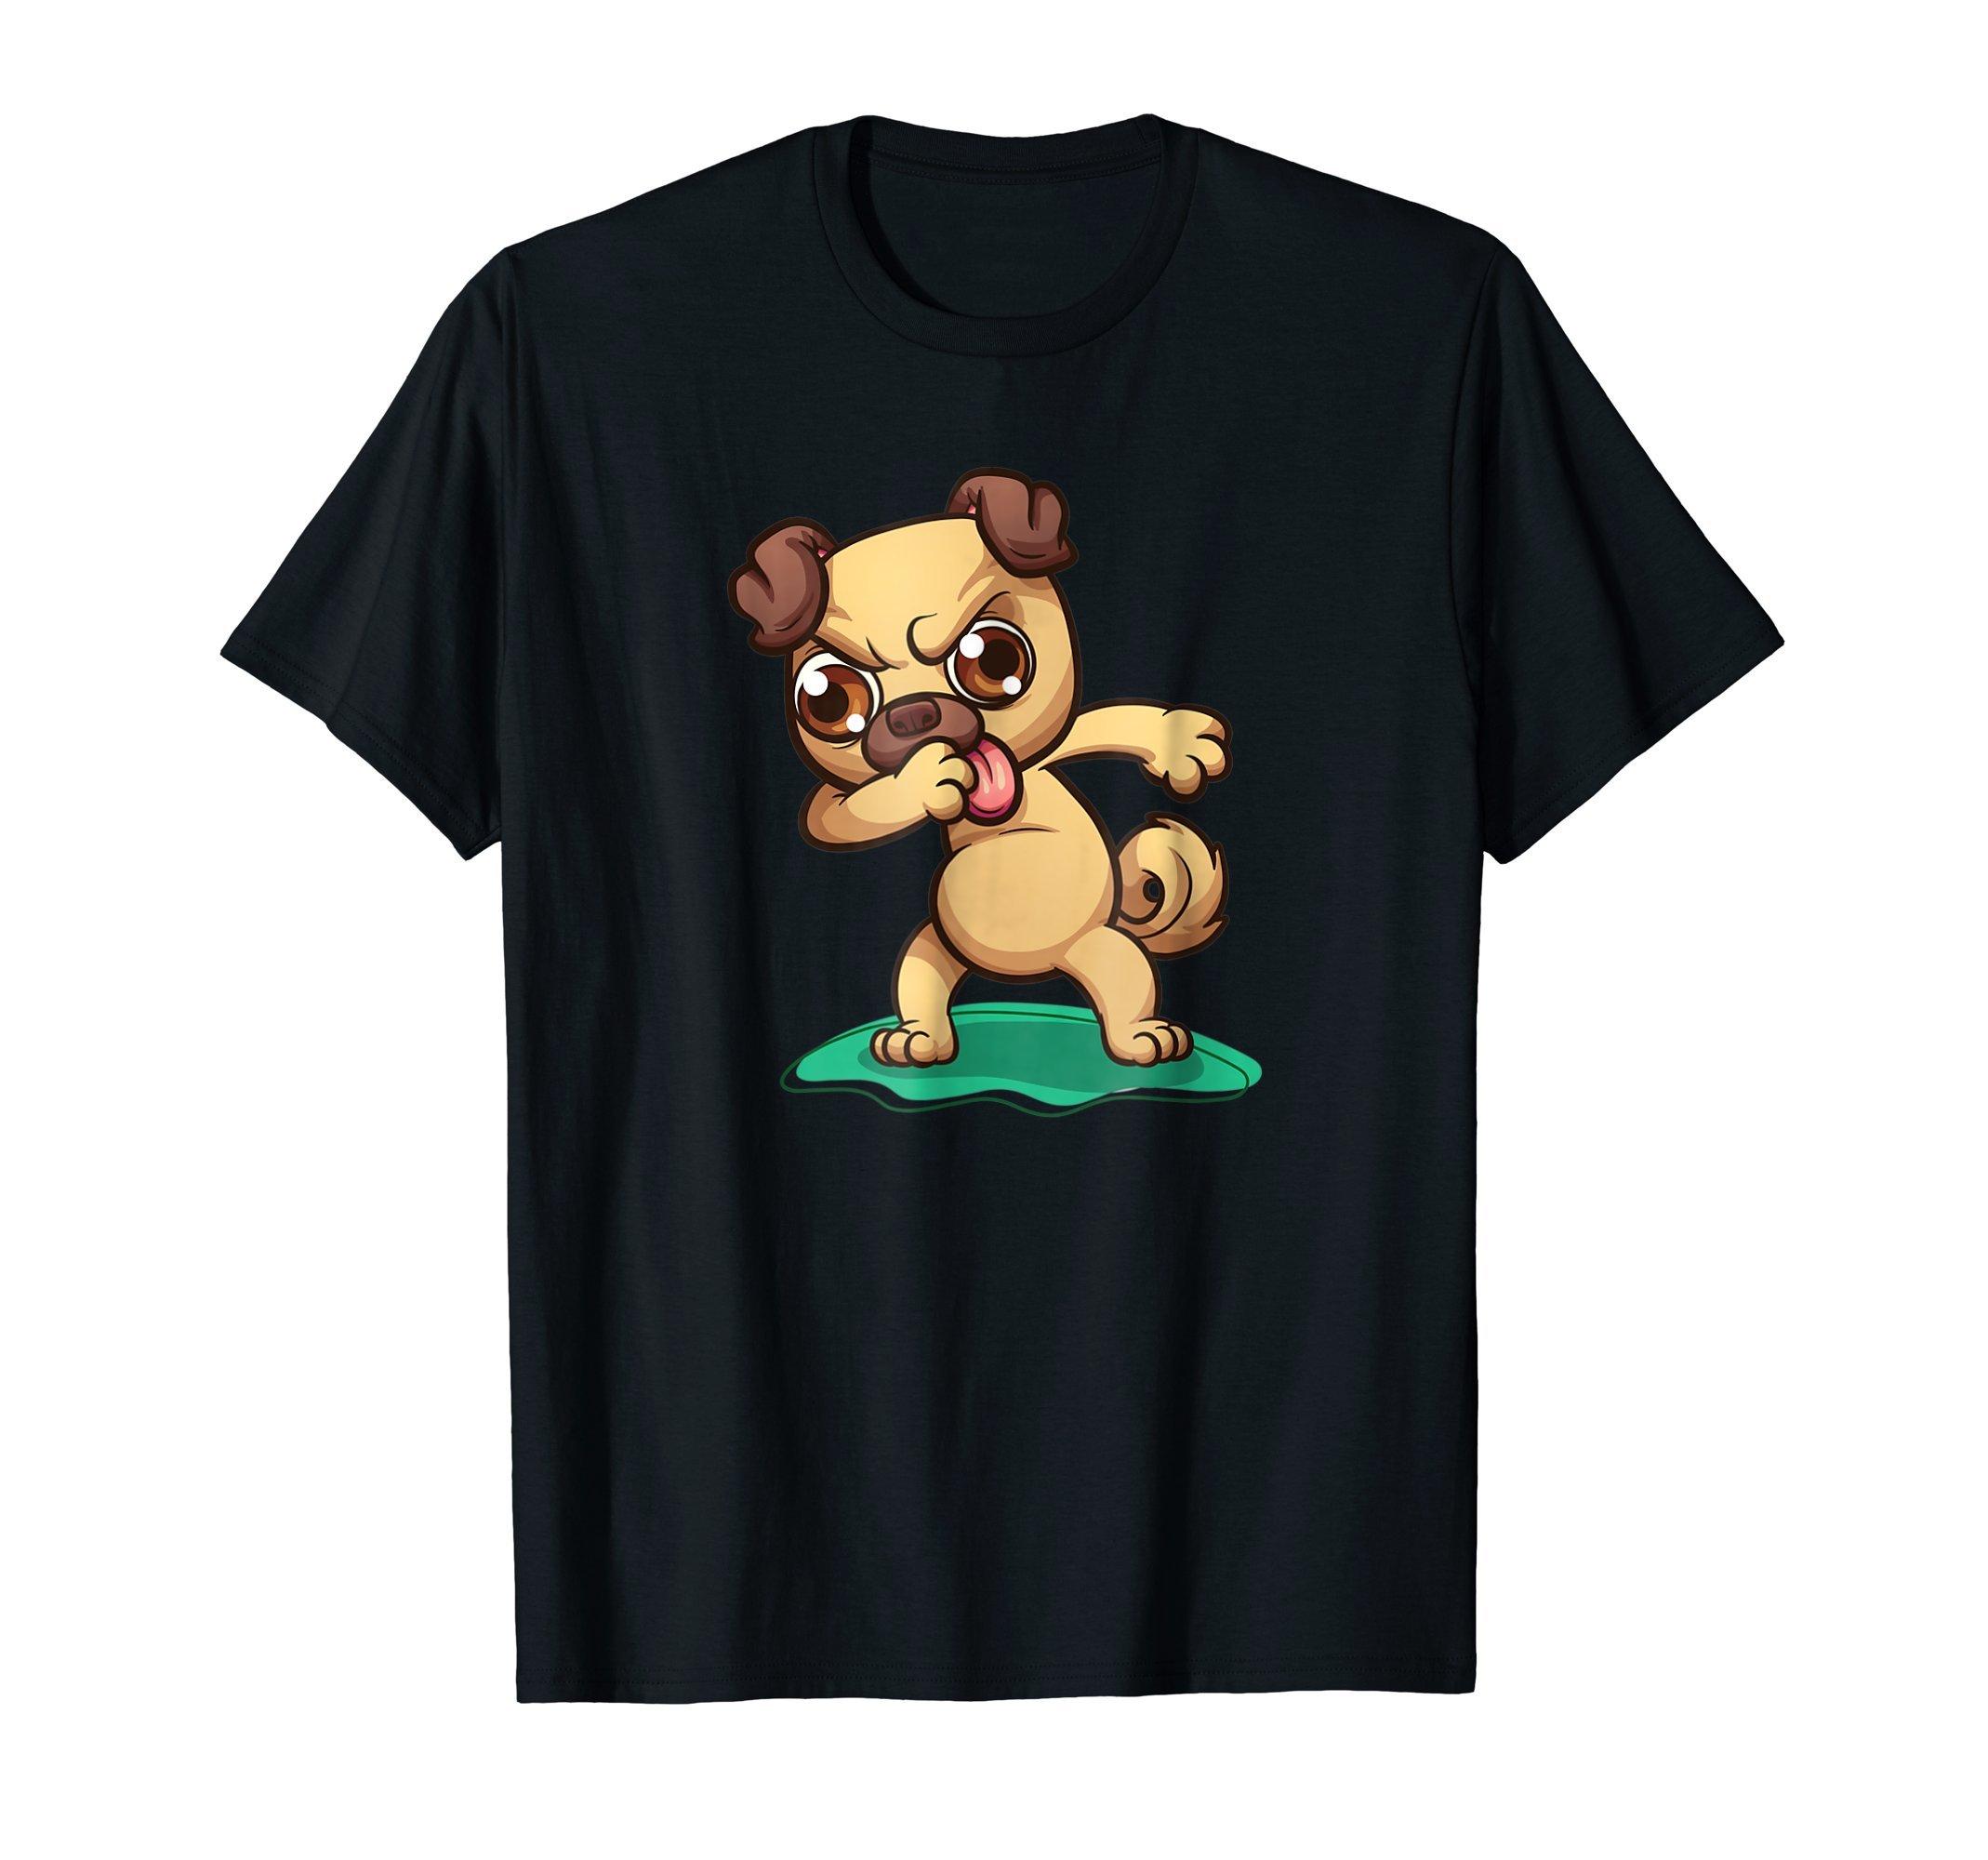 Dabbing-Pug-Funny-Humor-T-Shirt-Shirt-Tee-Gift